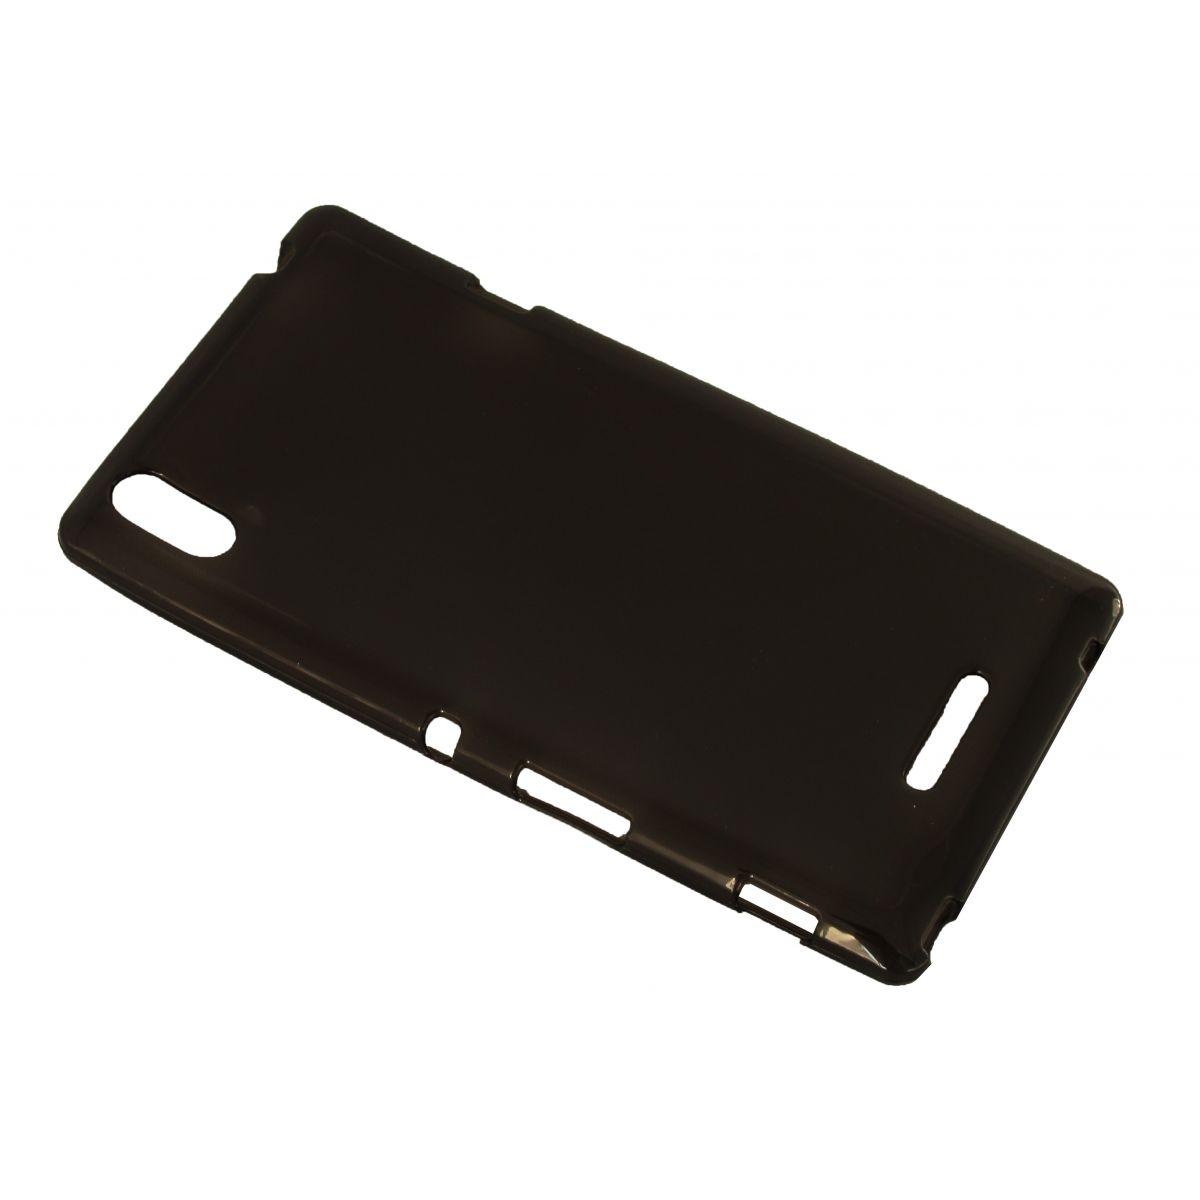 Capa de Tpu para Sony Xperia T3 D5102 D5103 D5106 Grafite